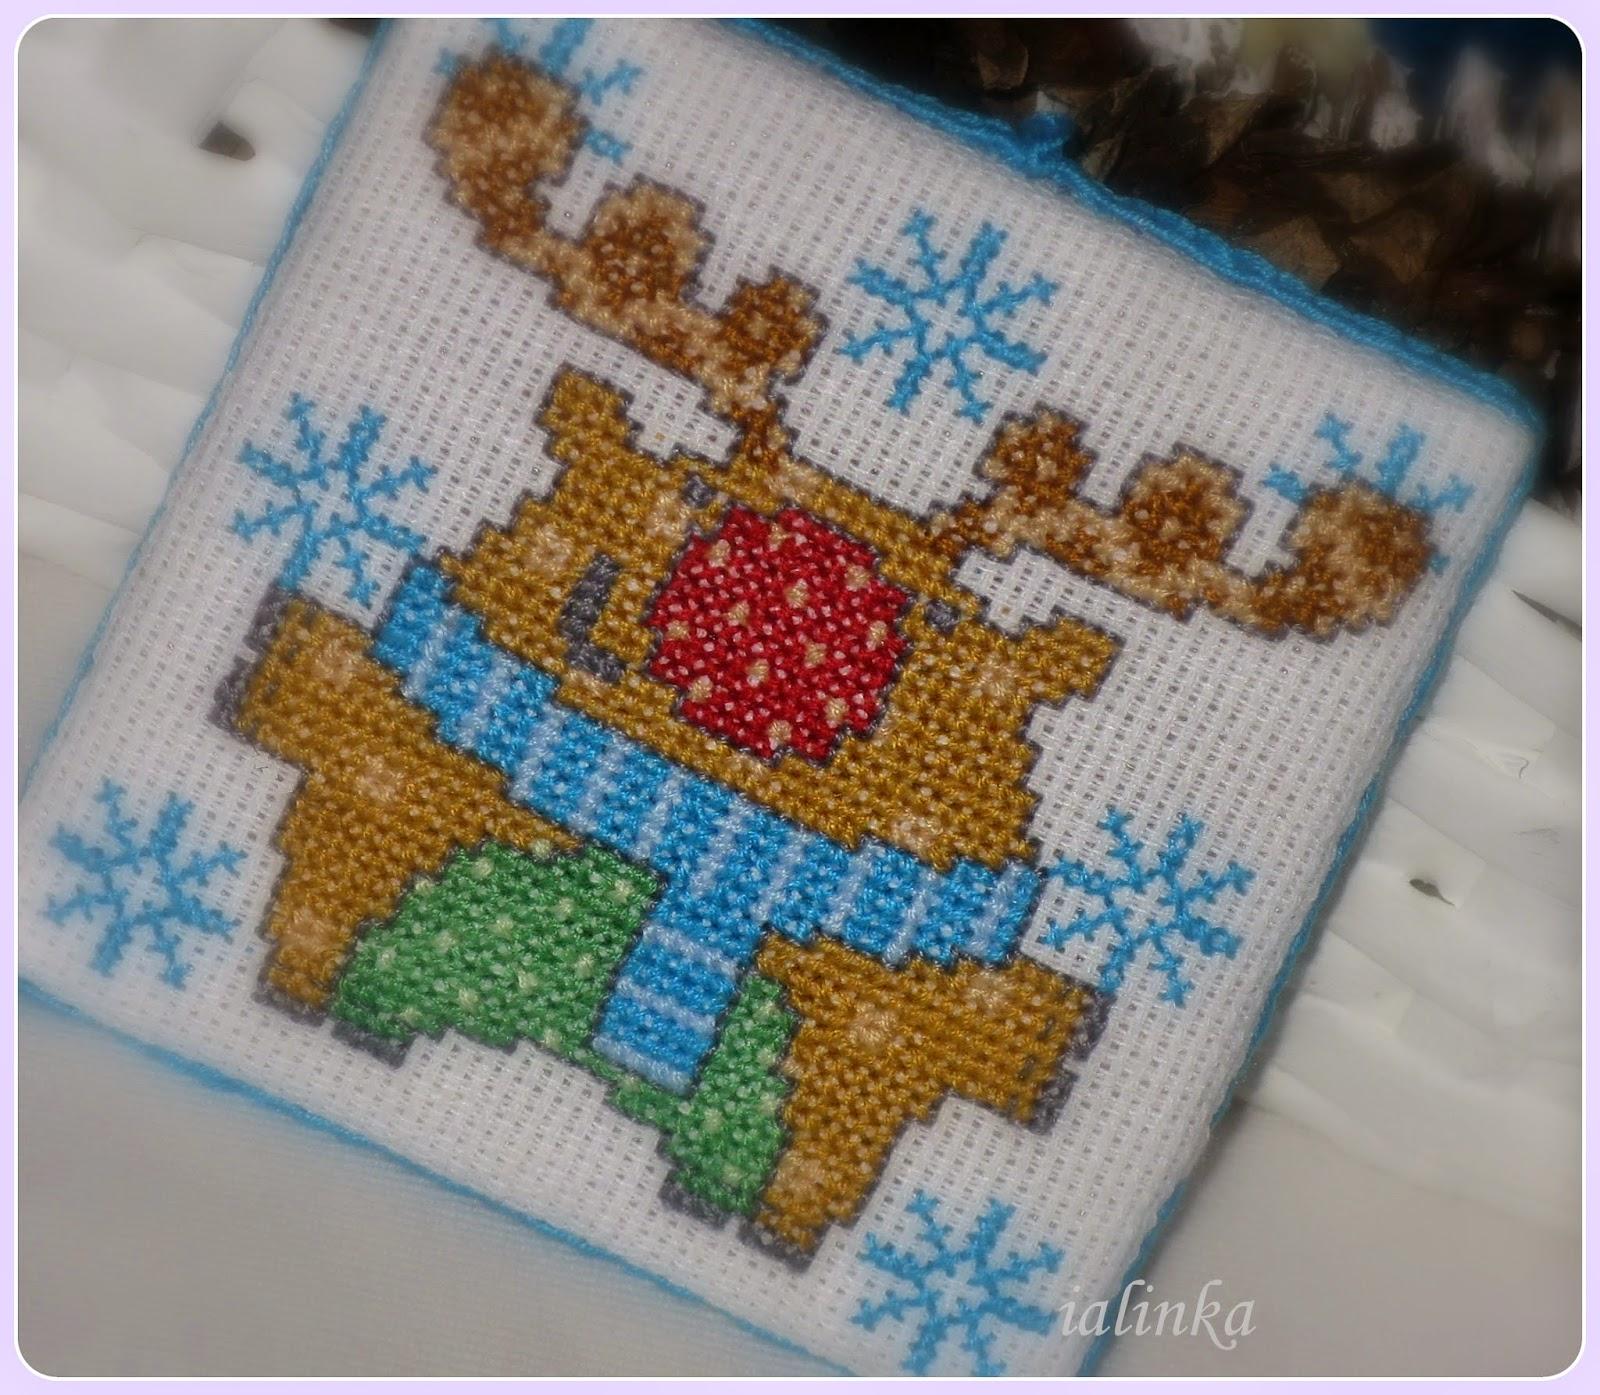 олень вышивка крестом новый год рукодельная елочка